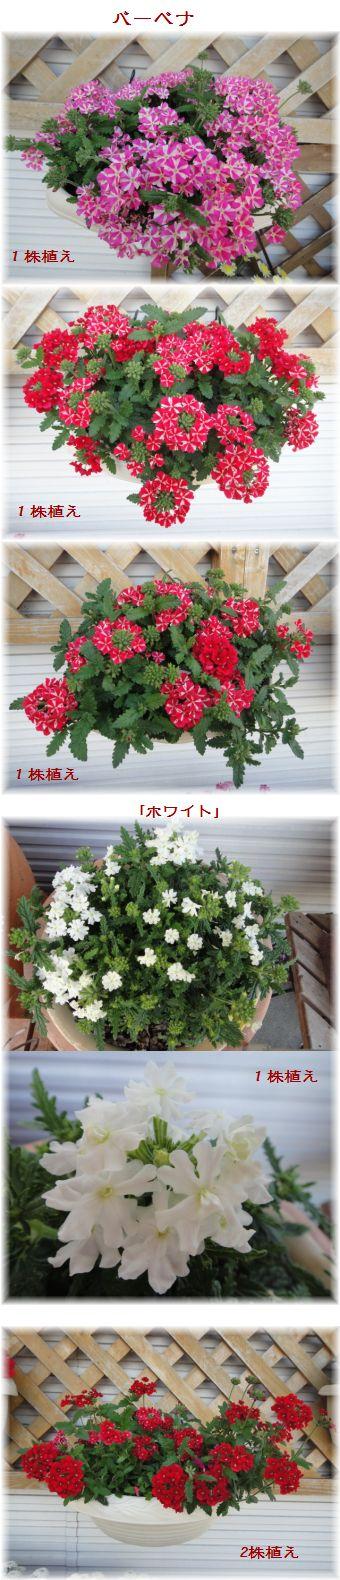 バーベナ花盛り